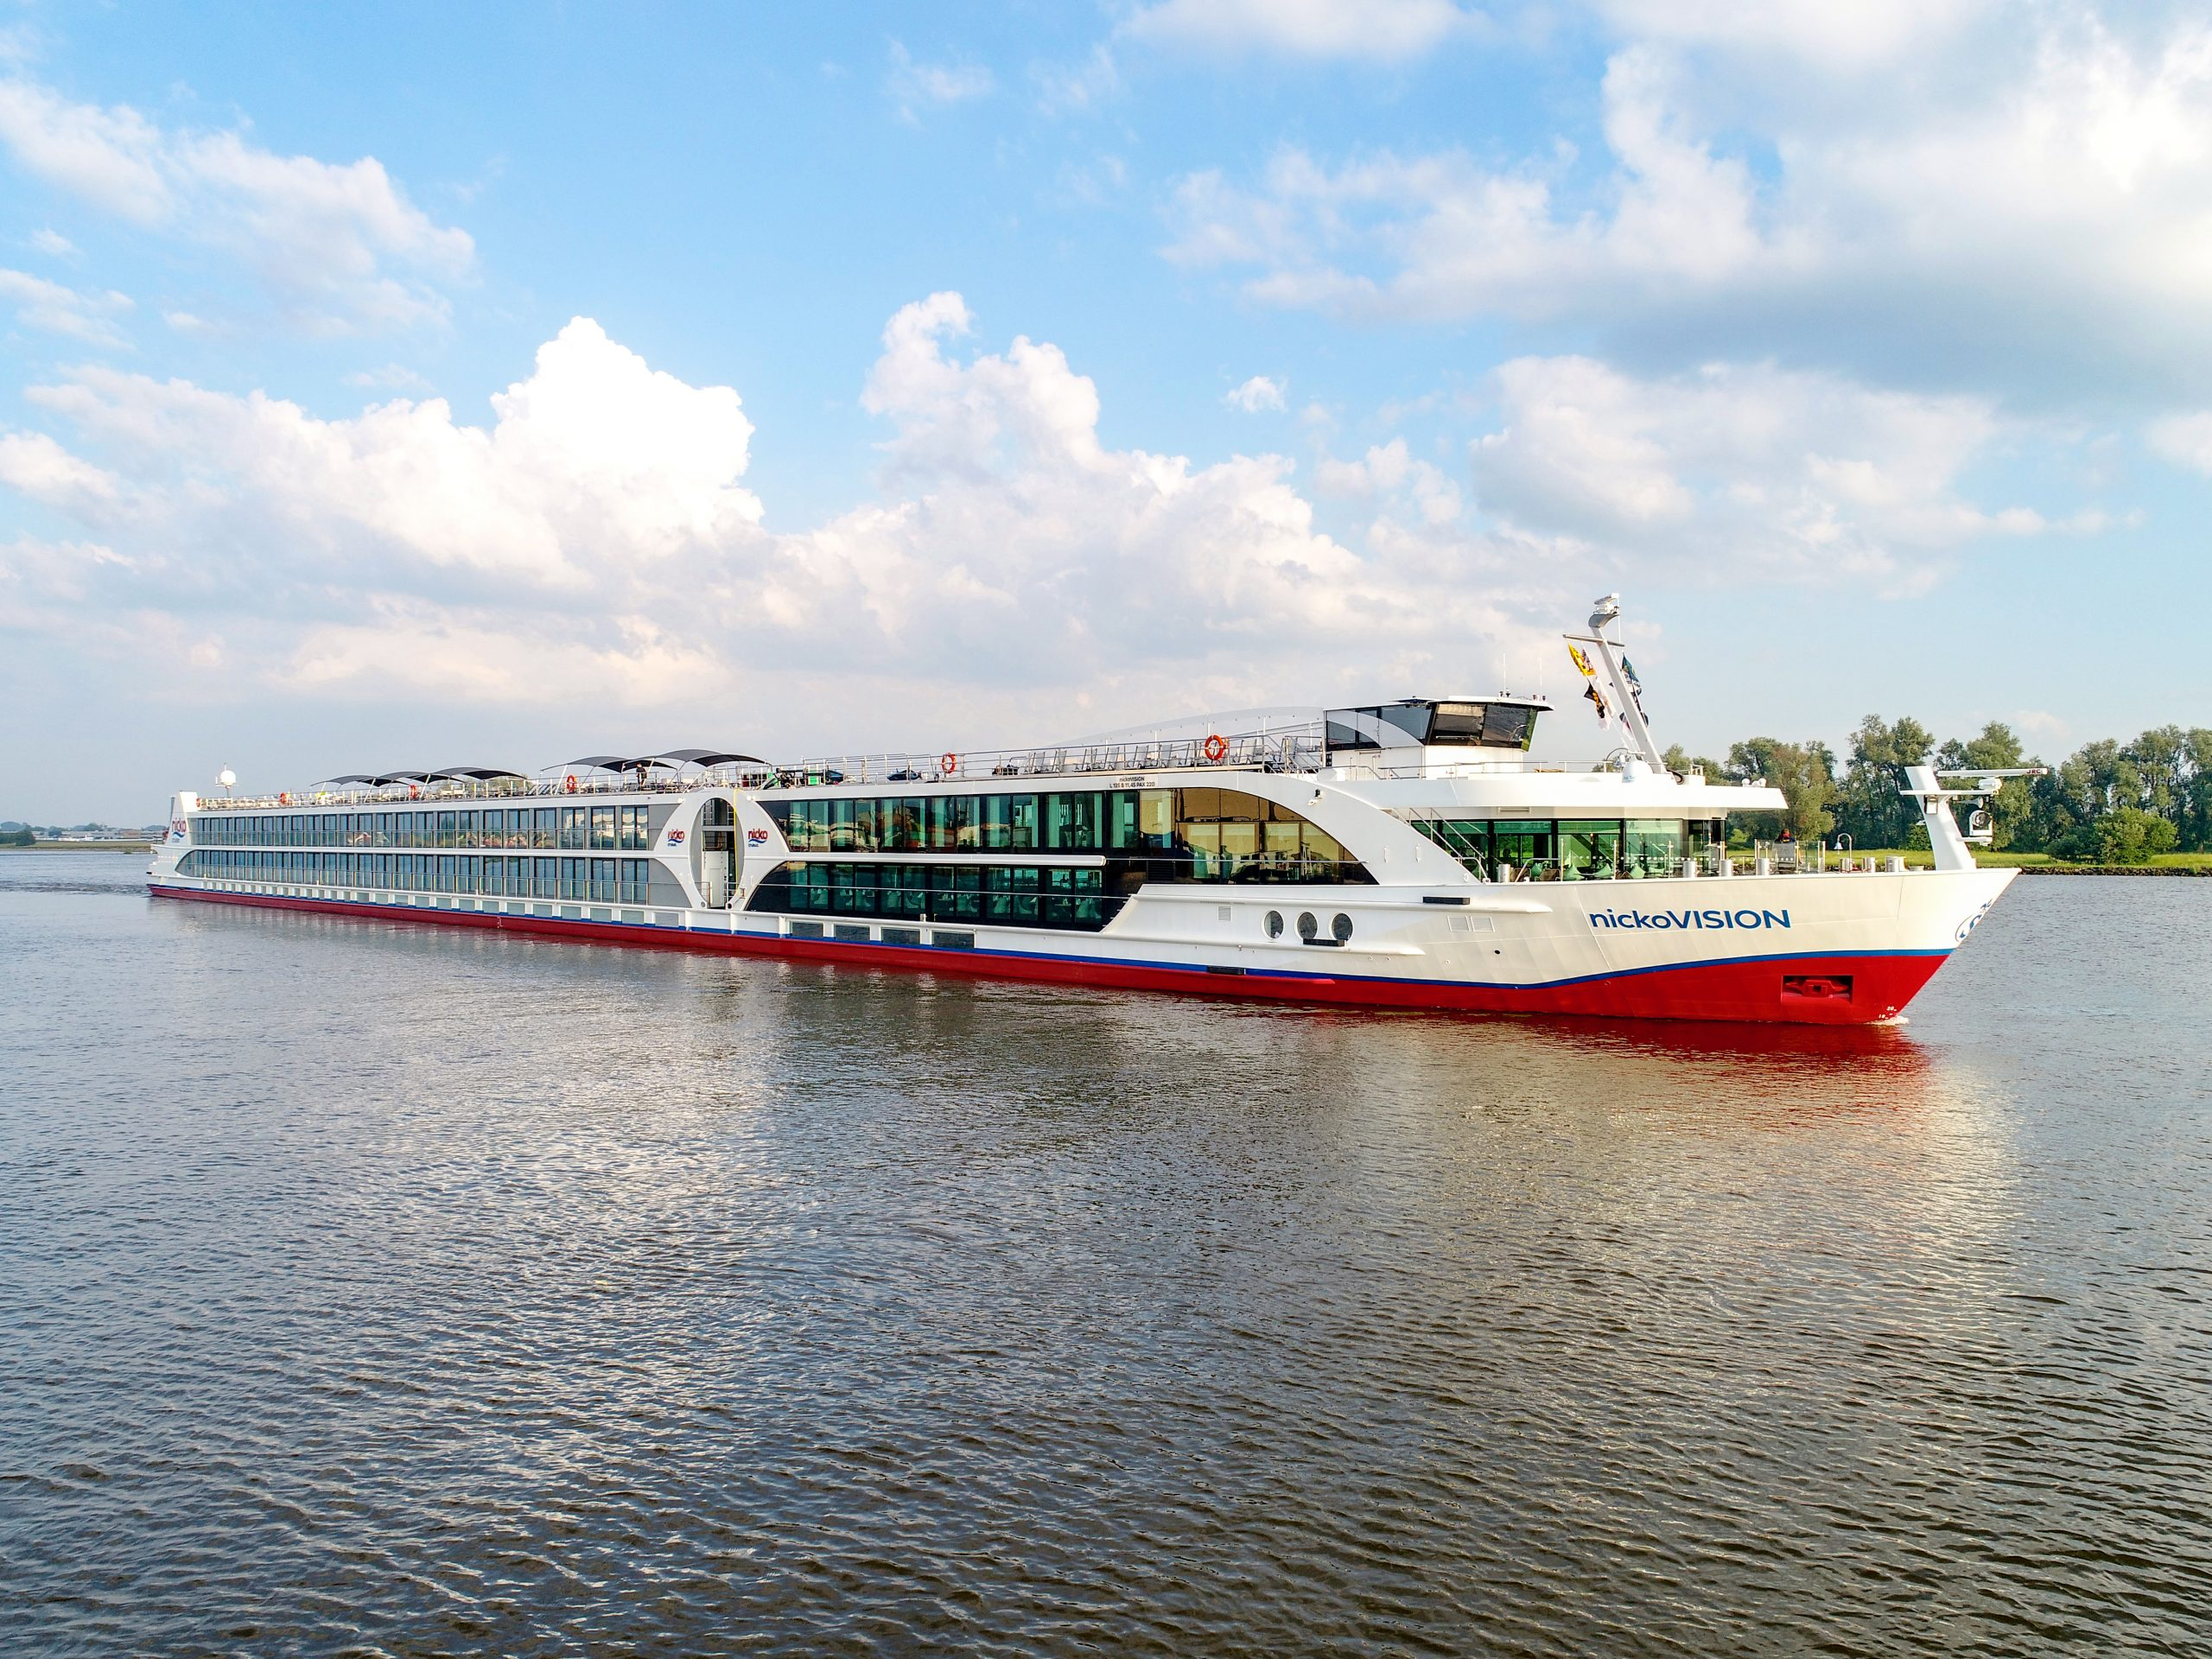 nicko cruises bietet seinen Gästen dieses Jahr noch mehr innerdeutsche Reisen an und lässt die nickoVISION kurzfristig bis August auf dem Rhein fahren.